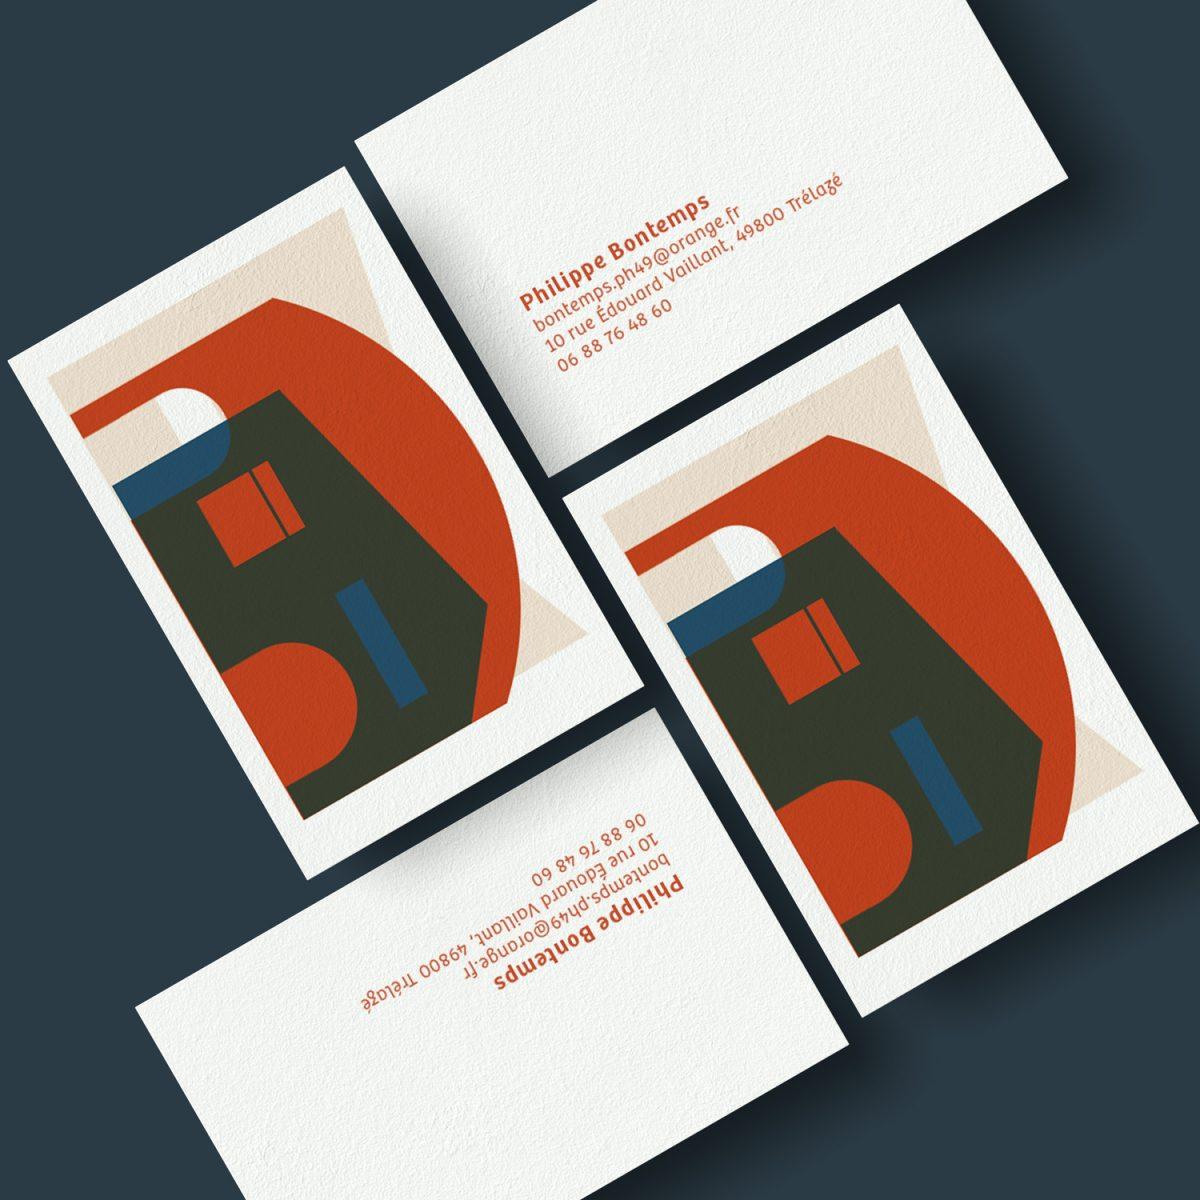 Carte de visite visuel numéro 4, jeux de couleurs et de transparence, des formes qui évoquent une architecture contemporaine.